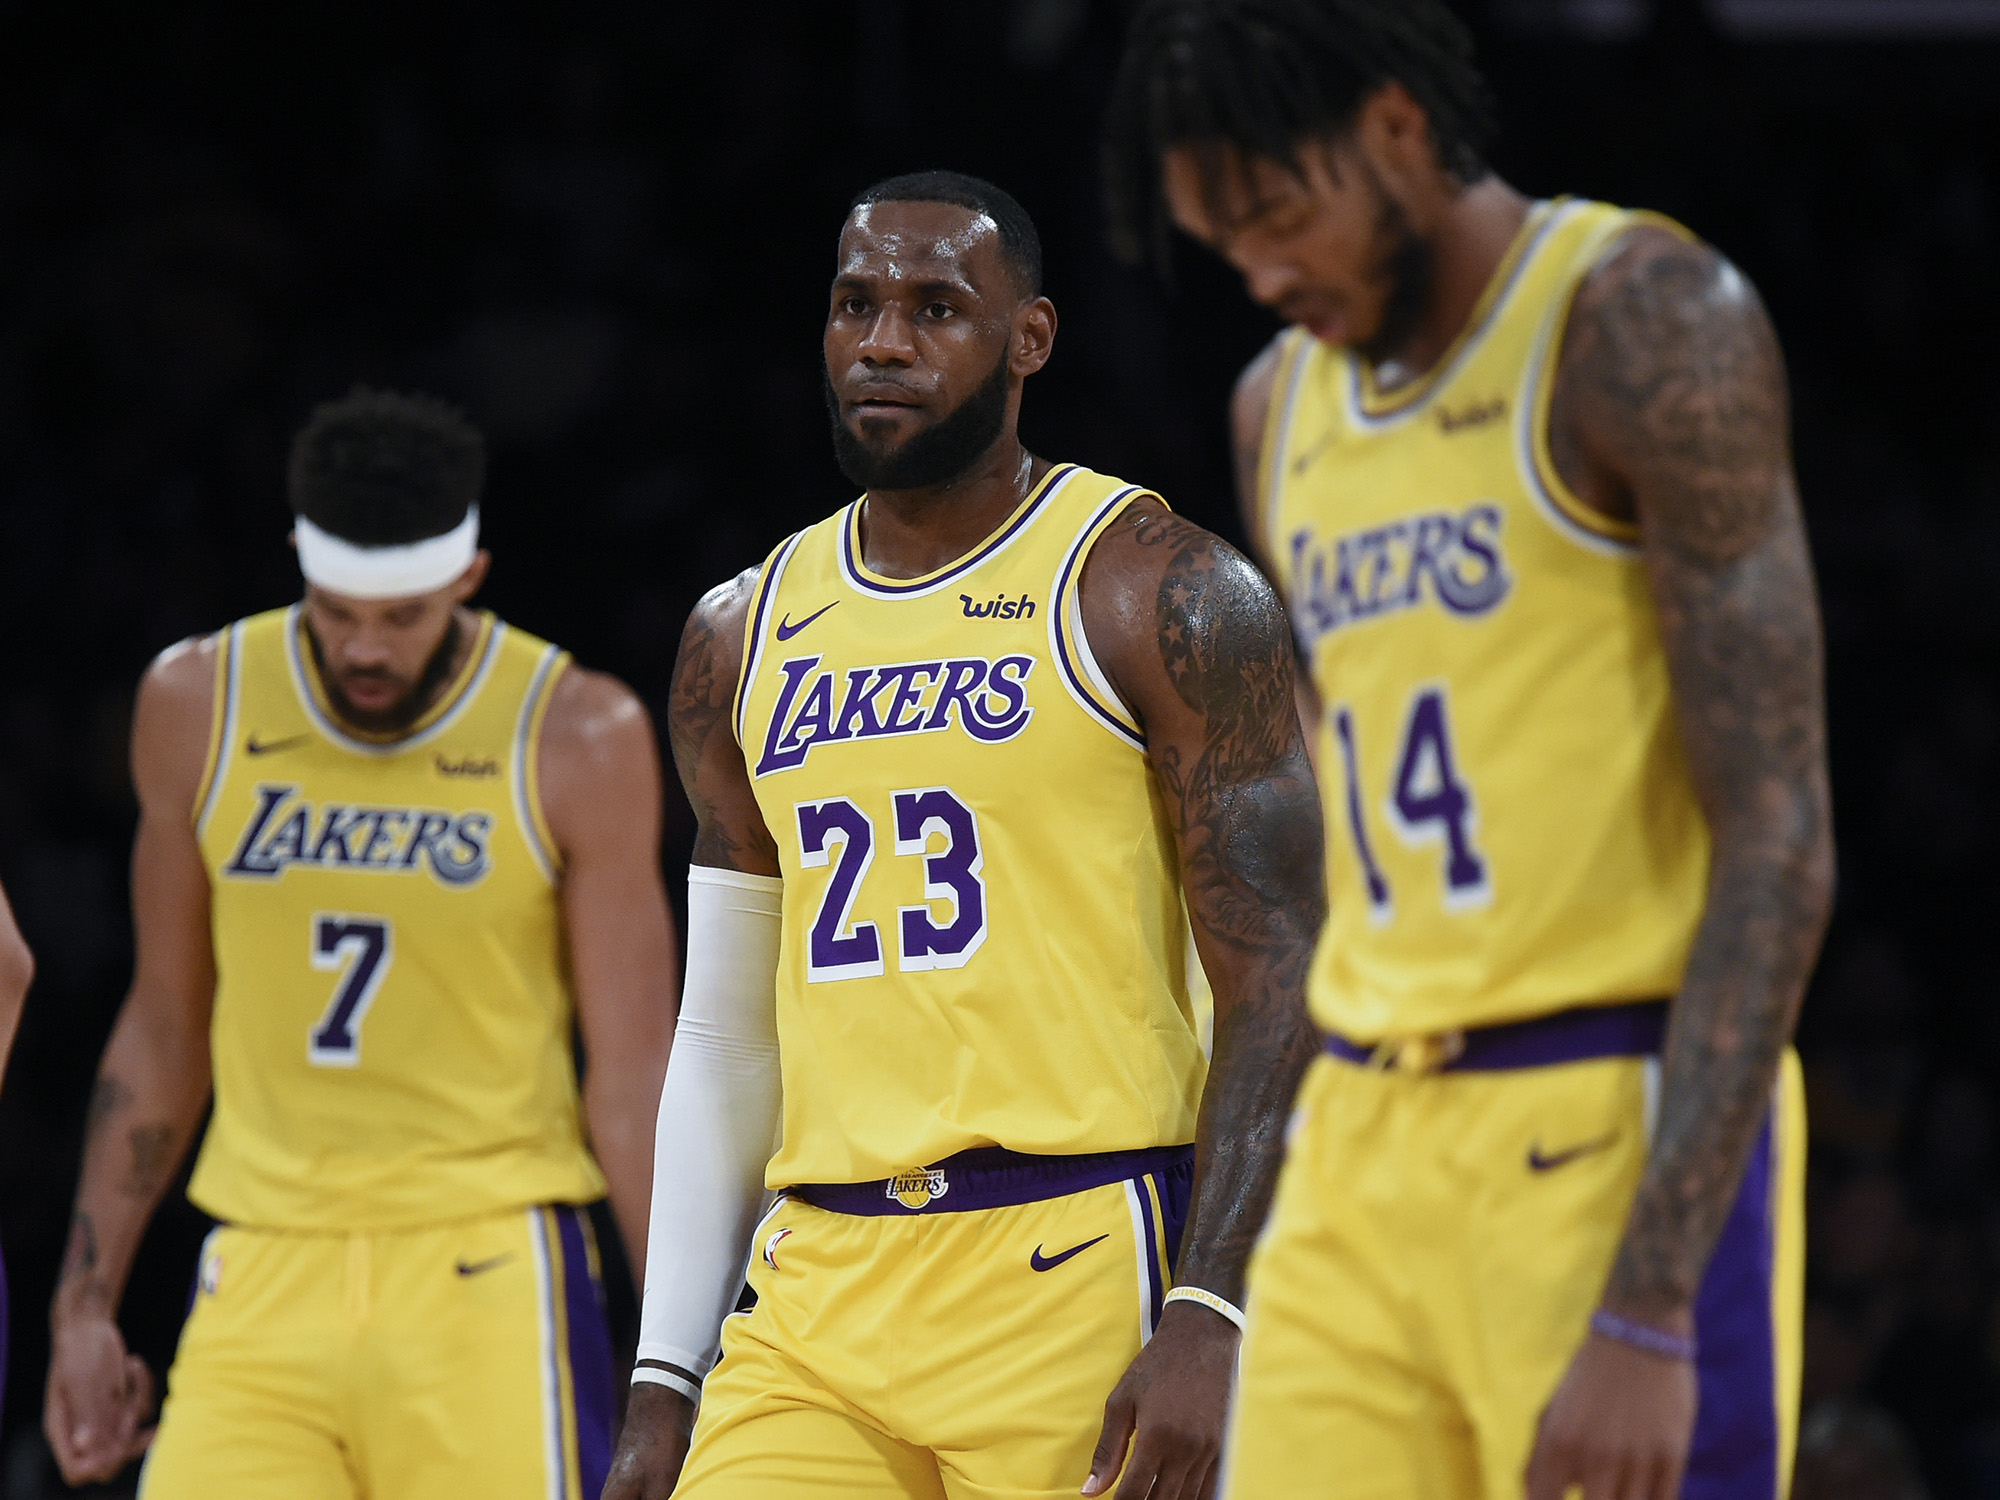 LeBron James cae en su debut con los Lakers en la temporada de la NBA